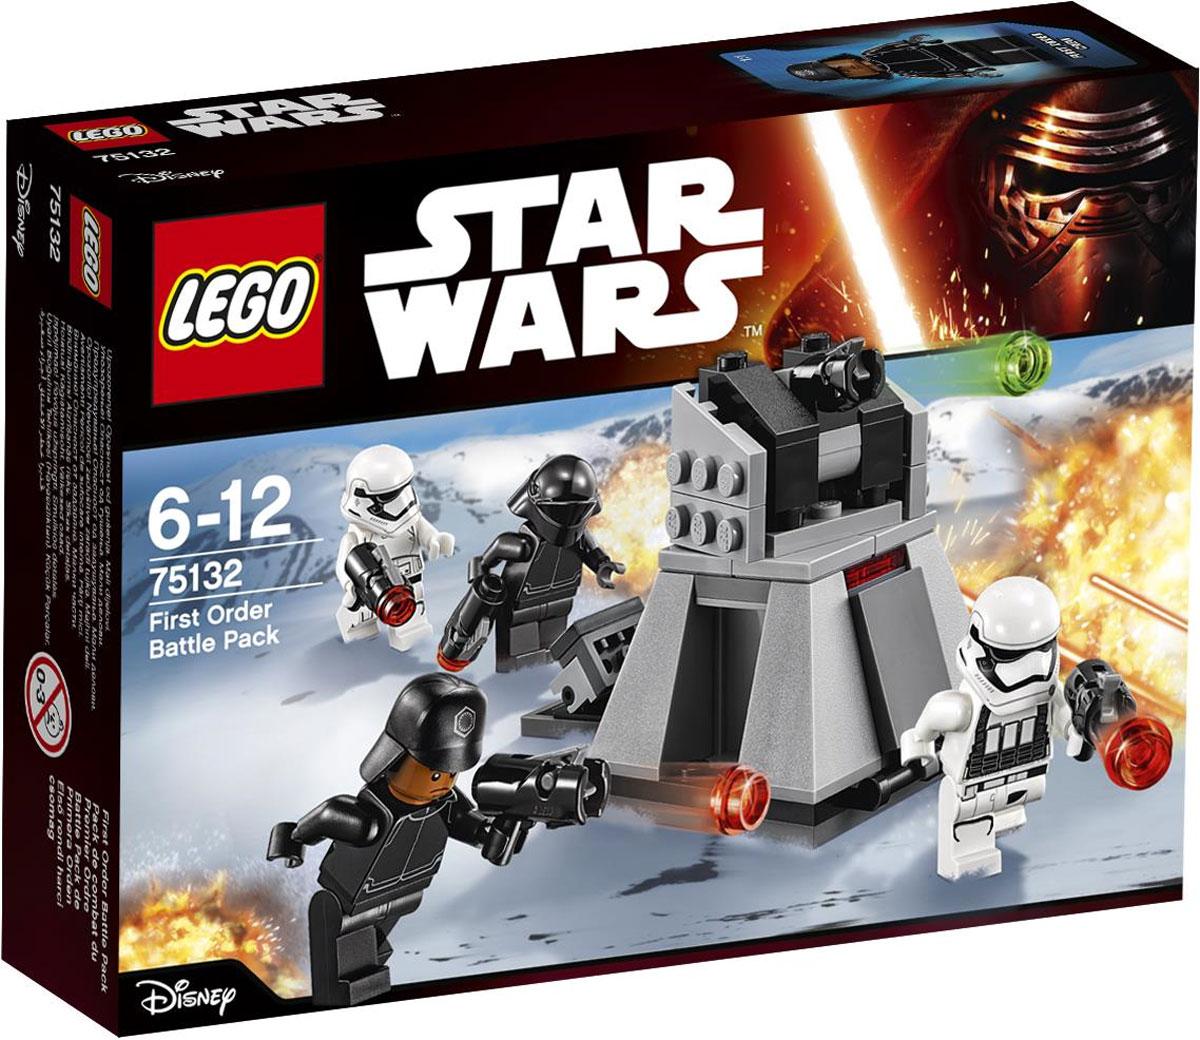 LEGO Star Wars Конструктор Боевой набор Первого Ордена 7513275132К объекту приближаются силы Сопротивления. Их необходимо отбросить назад выстрелом мощного турболазера. Добавь патроны из отсека для хранения оружия, прицелься и приготовься вести огонь! Конструктор LEGO Star Wars Боевой набор Первого Ордена - это один из самых увлекательнейших и веселых способов времяпрепровождения. Ребенок сможет часами играть с конструктором, придумывая различные ситуации и истории. В набор также входят 4 мини-фигурки солдат Первого Ордена. В процессе игры с конструкторами LEGO дети приобретают и постигают такие необходимые навыки как познание, творчество, воображение. Обычные наблюдения за детьми показывают, что единственное, чему они с удовольствием посвящают время, - это игры. Игра - это состояние души, это веселый опыт познания реальности. Играя, дети создают собственные миры, осваивают их, а познавая - приобретают знания и умения. Фантазия ребенка безгранична, беря свое начало в детстве, она позволяет ребенку учиться представлять в уме,...